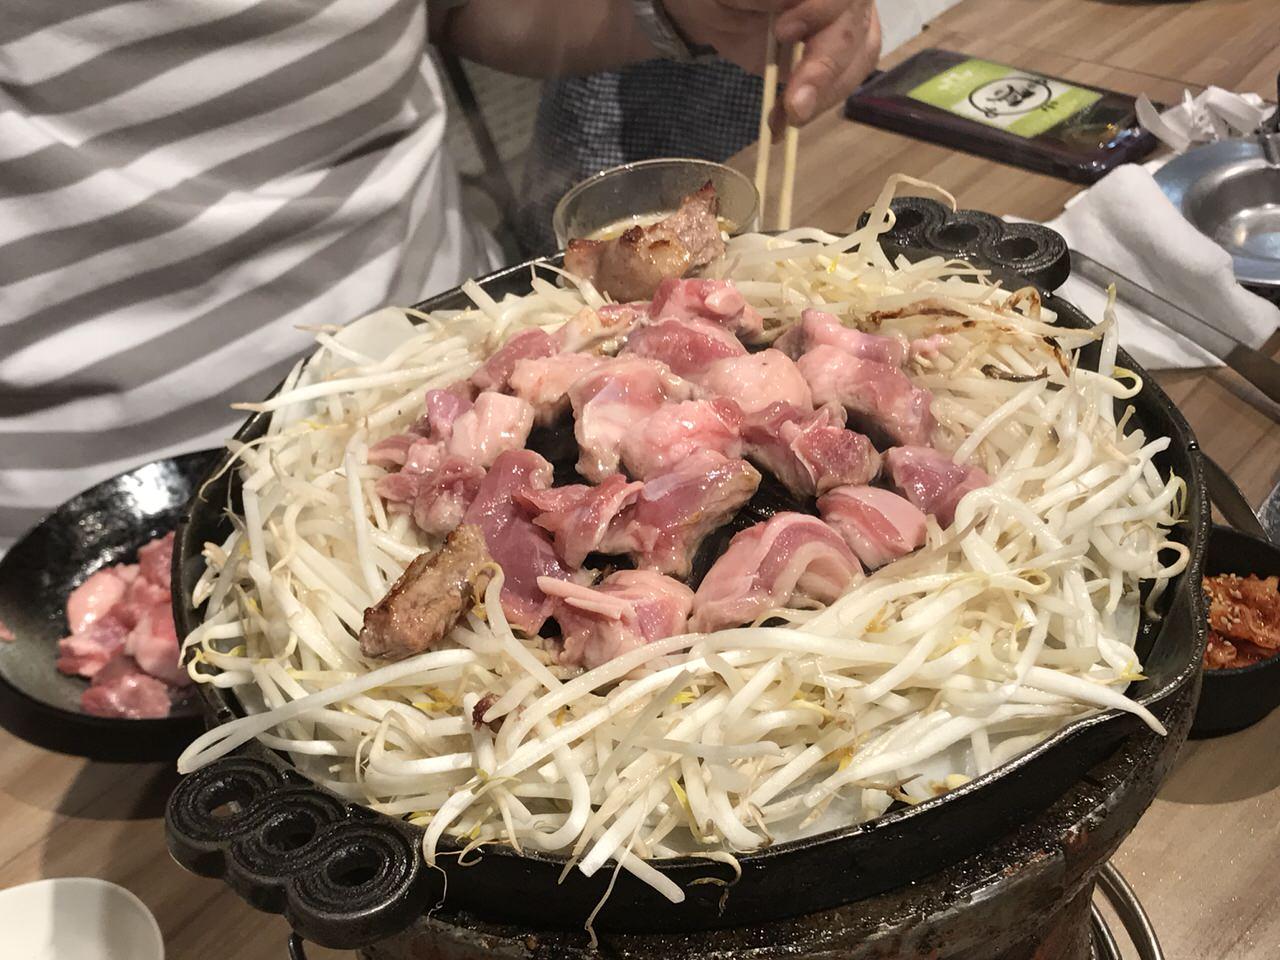 「ジンギスカンゆきだるま 両国部屋」食べ飲み放題で4,980円のエンドレスラム!